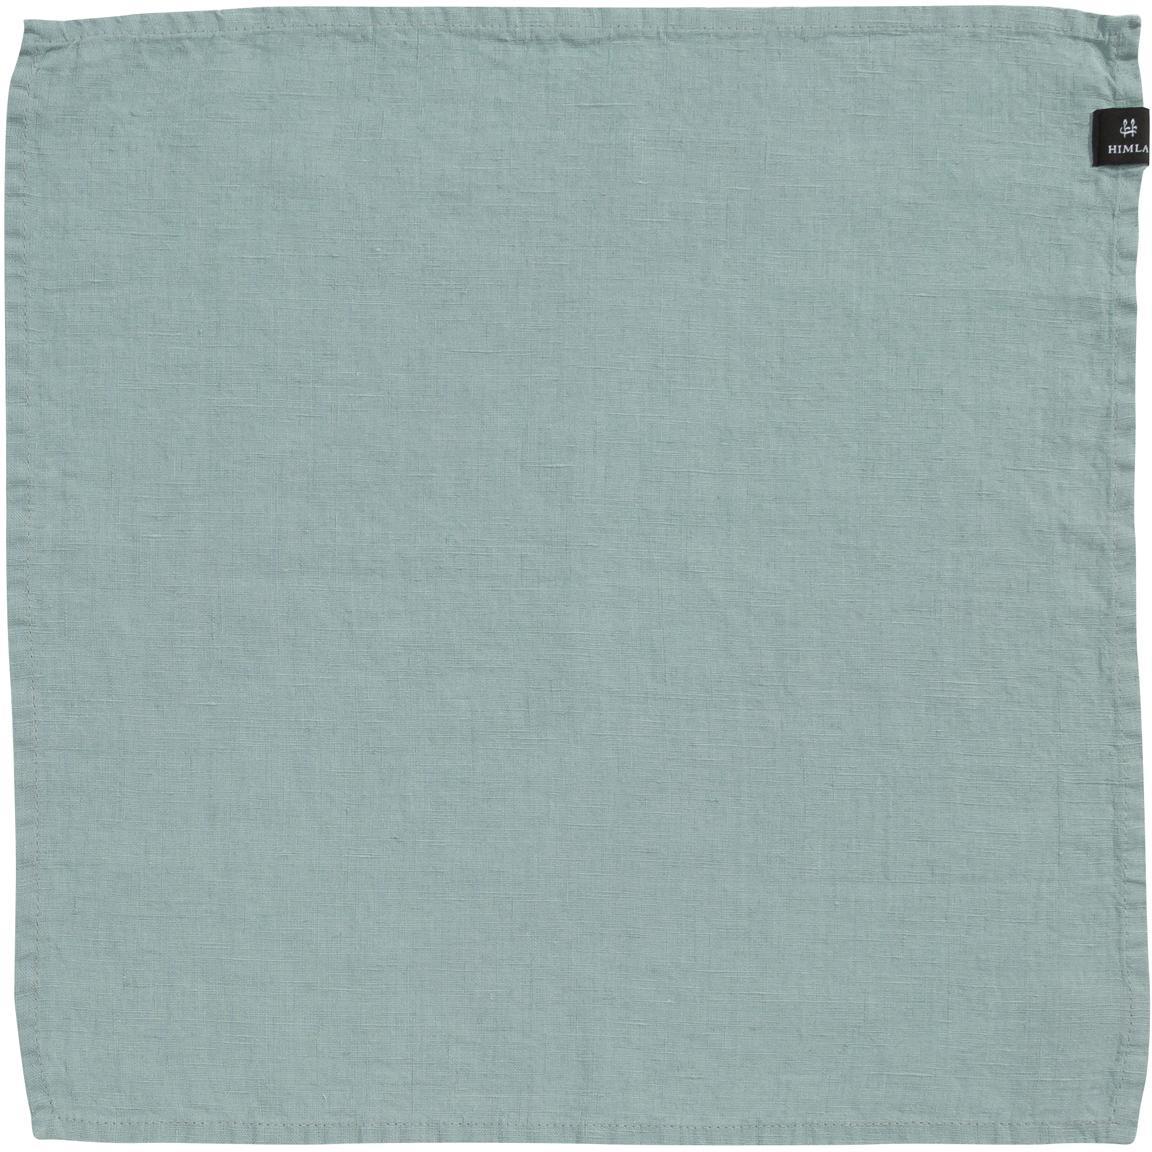 Servilletas de lino Sunshine, 4uds., Lino, Verde azulado claro, L 45 x An 45 cm